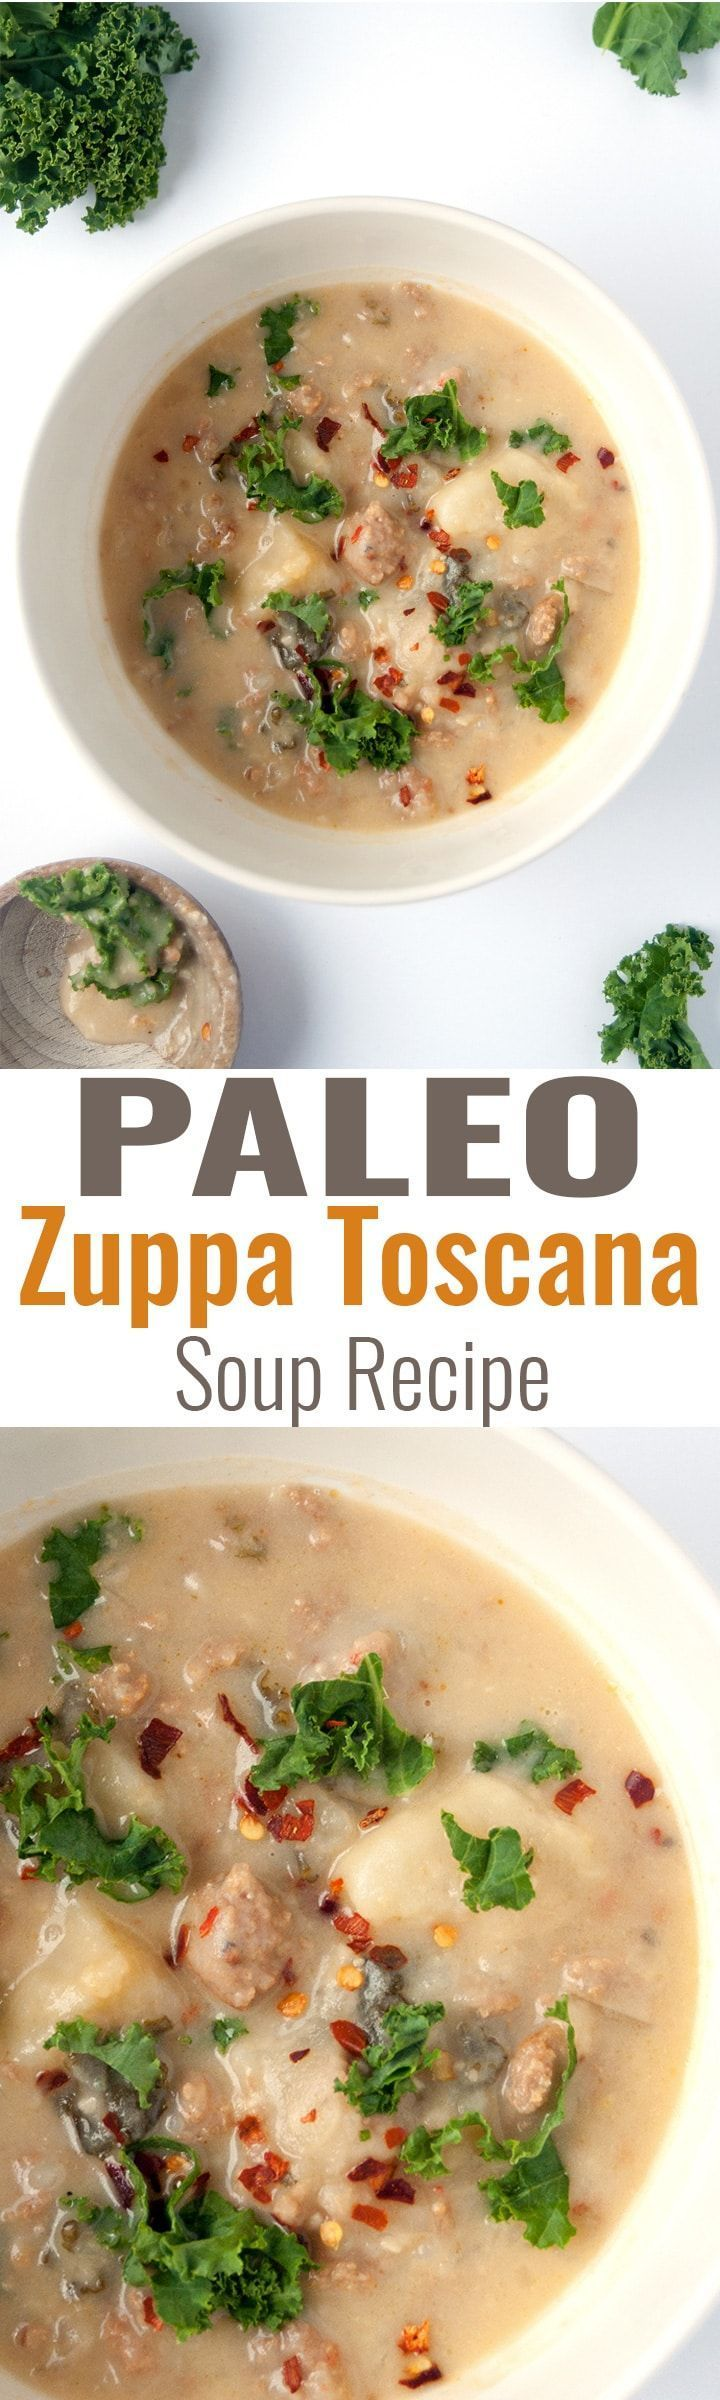 Paleo Zuppa Toscana Soup - eine leichte und einfache Paleo-Variante eines klassischen ... - #einfache #leichte #paleo #toscana #variante #zuppa - #Lorine'sZuppaToscanaSuppe #zuppatoscanasoup Paleo Zuppa Toscana Soup - eine leichte und einfache Paleo-Variante eines klassischen ... - #einfache #leichte #paleo #toscana #variante #zuppa - #Lorine'sZuppaToscanaSuppe #zuppatoscanasoup